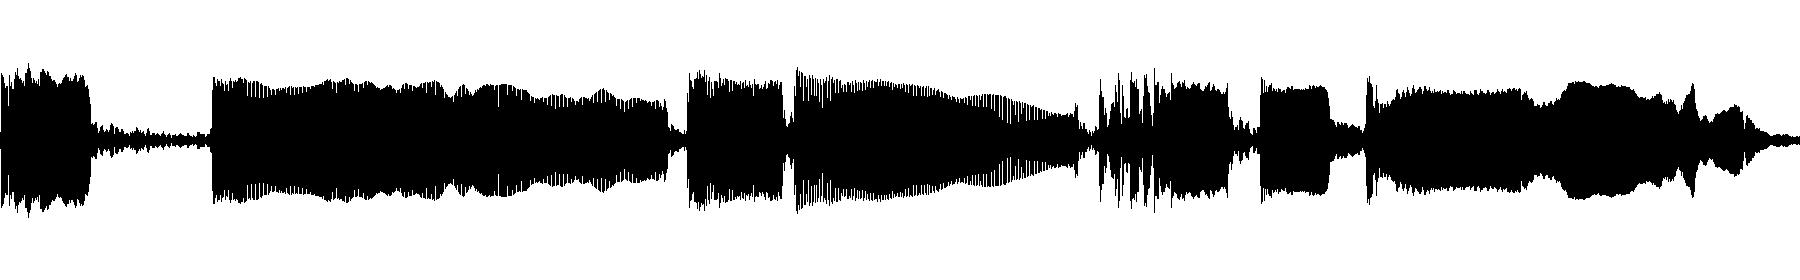 blbc wahstrat 110 c